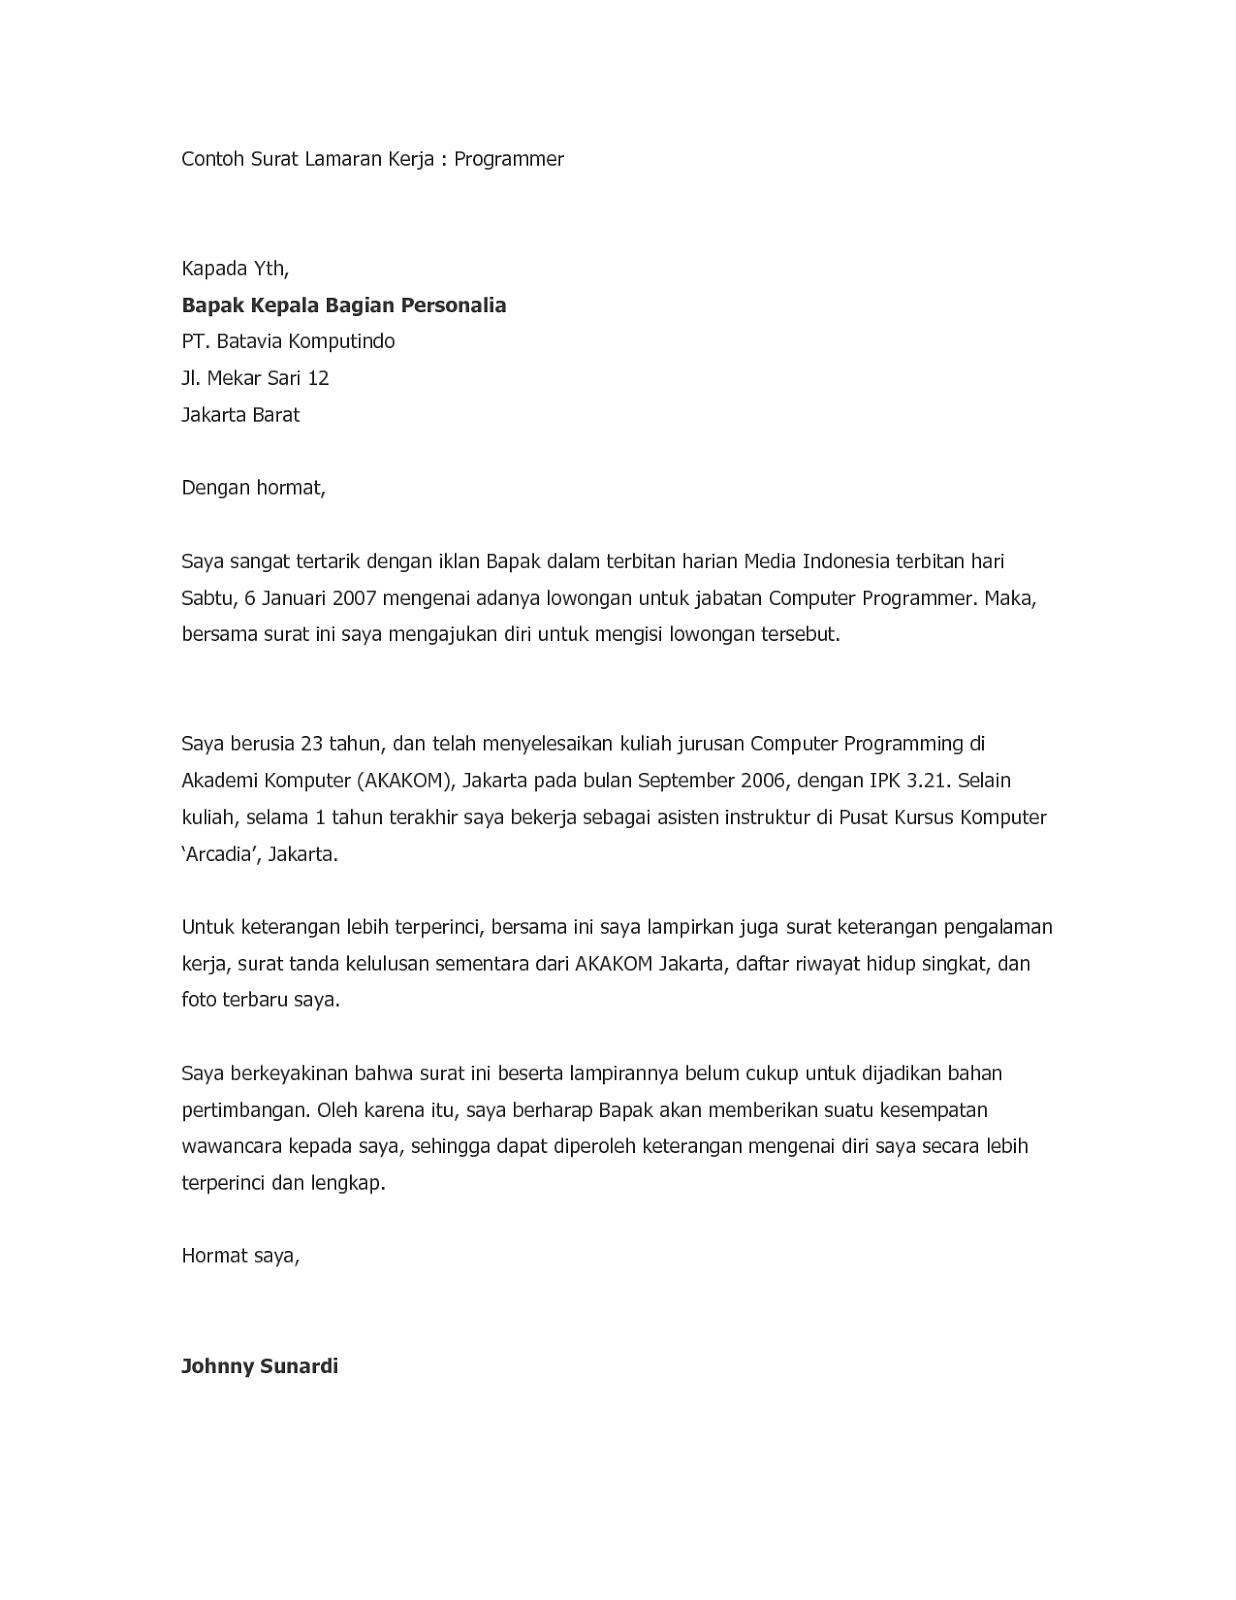 Cover Letter Bahasa Inggris Fresh Graduate